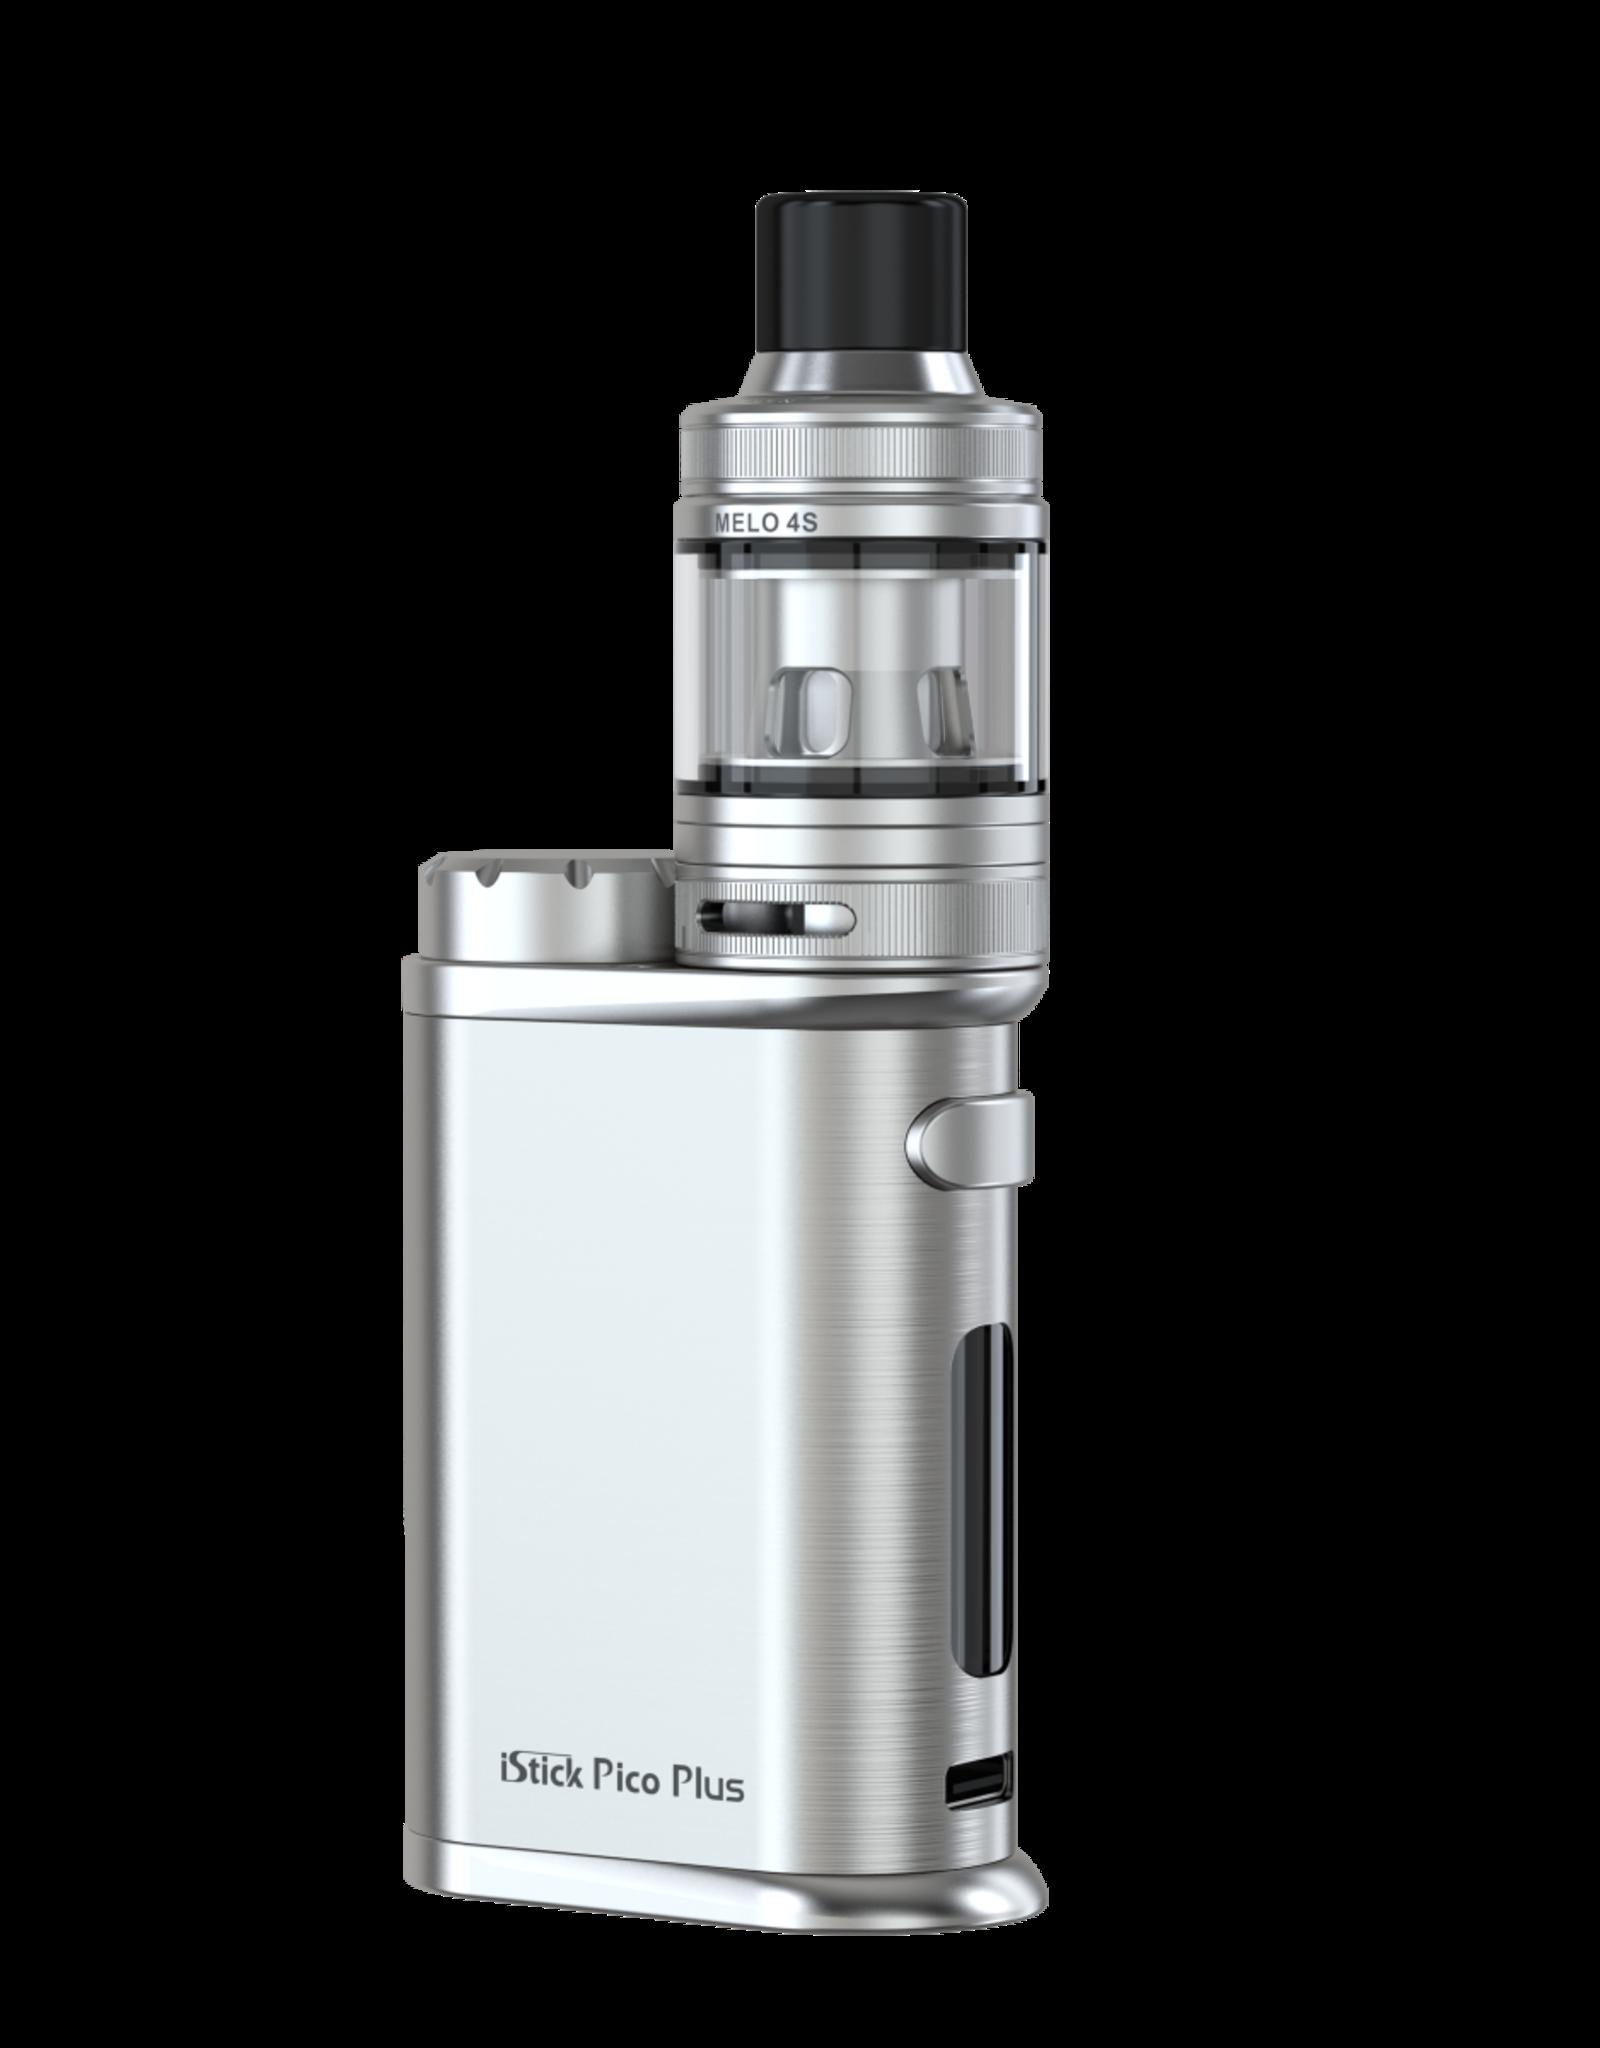 eLeaf Eleaf iStick Pico Plus Kit